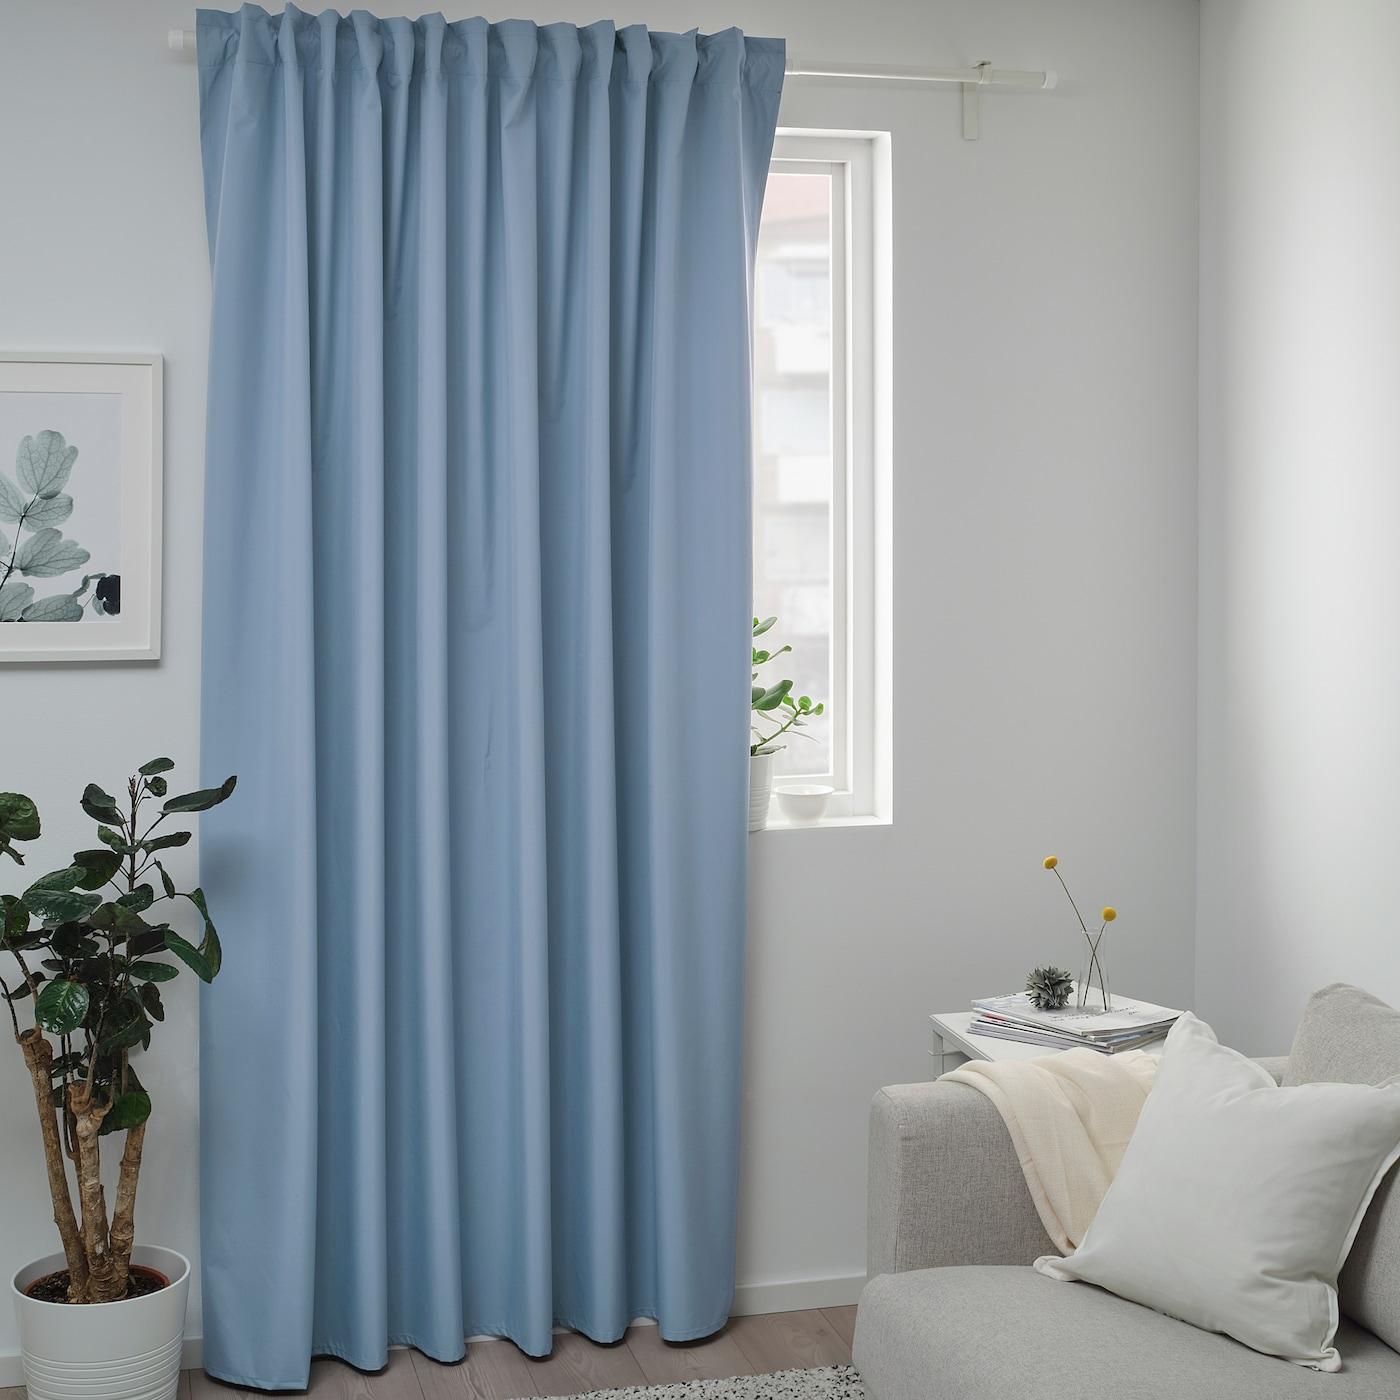 cortinas a media altra ventana ikea